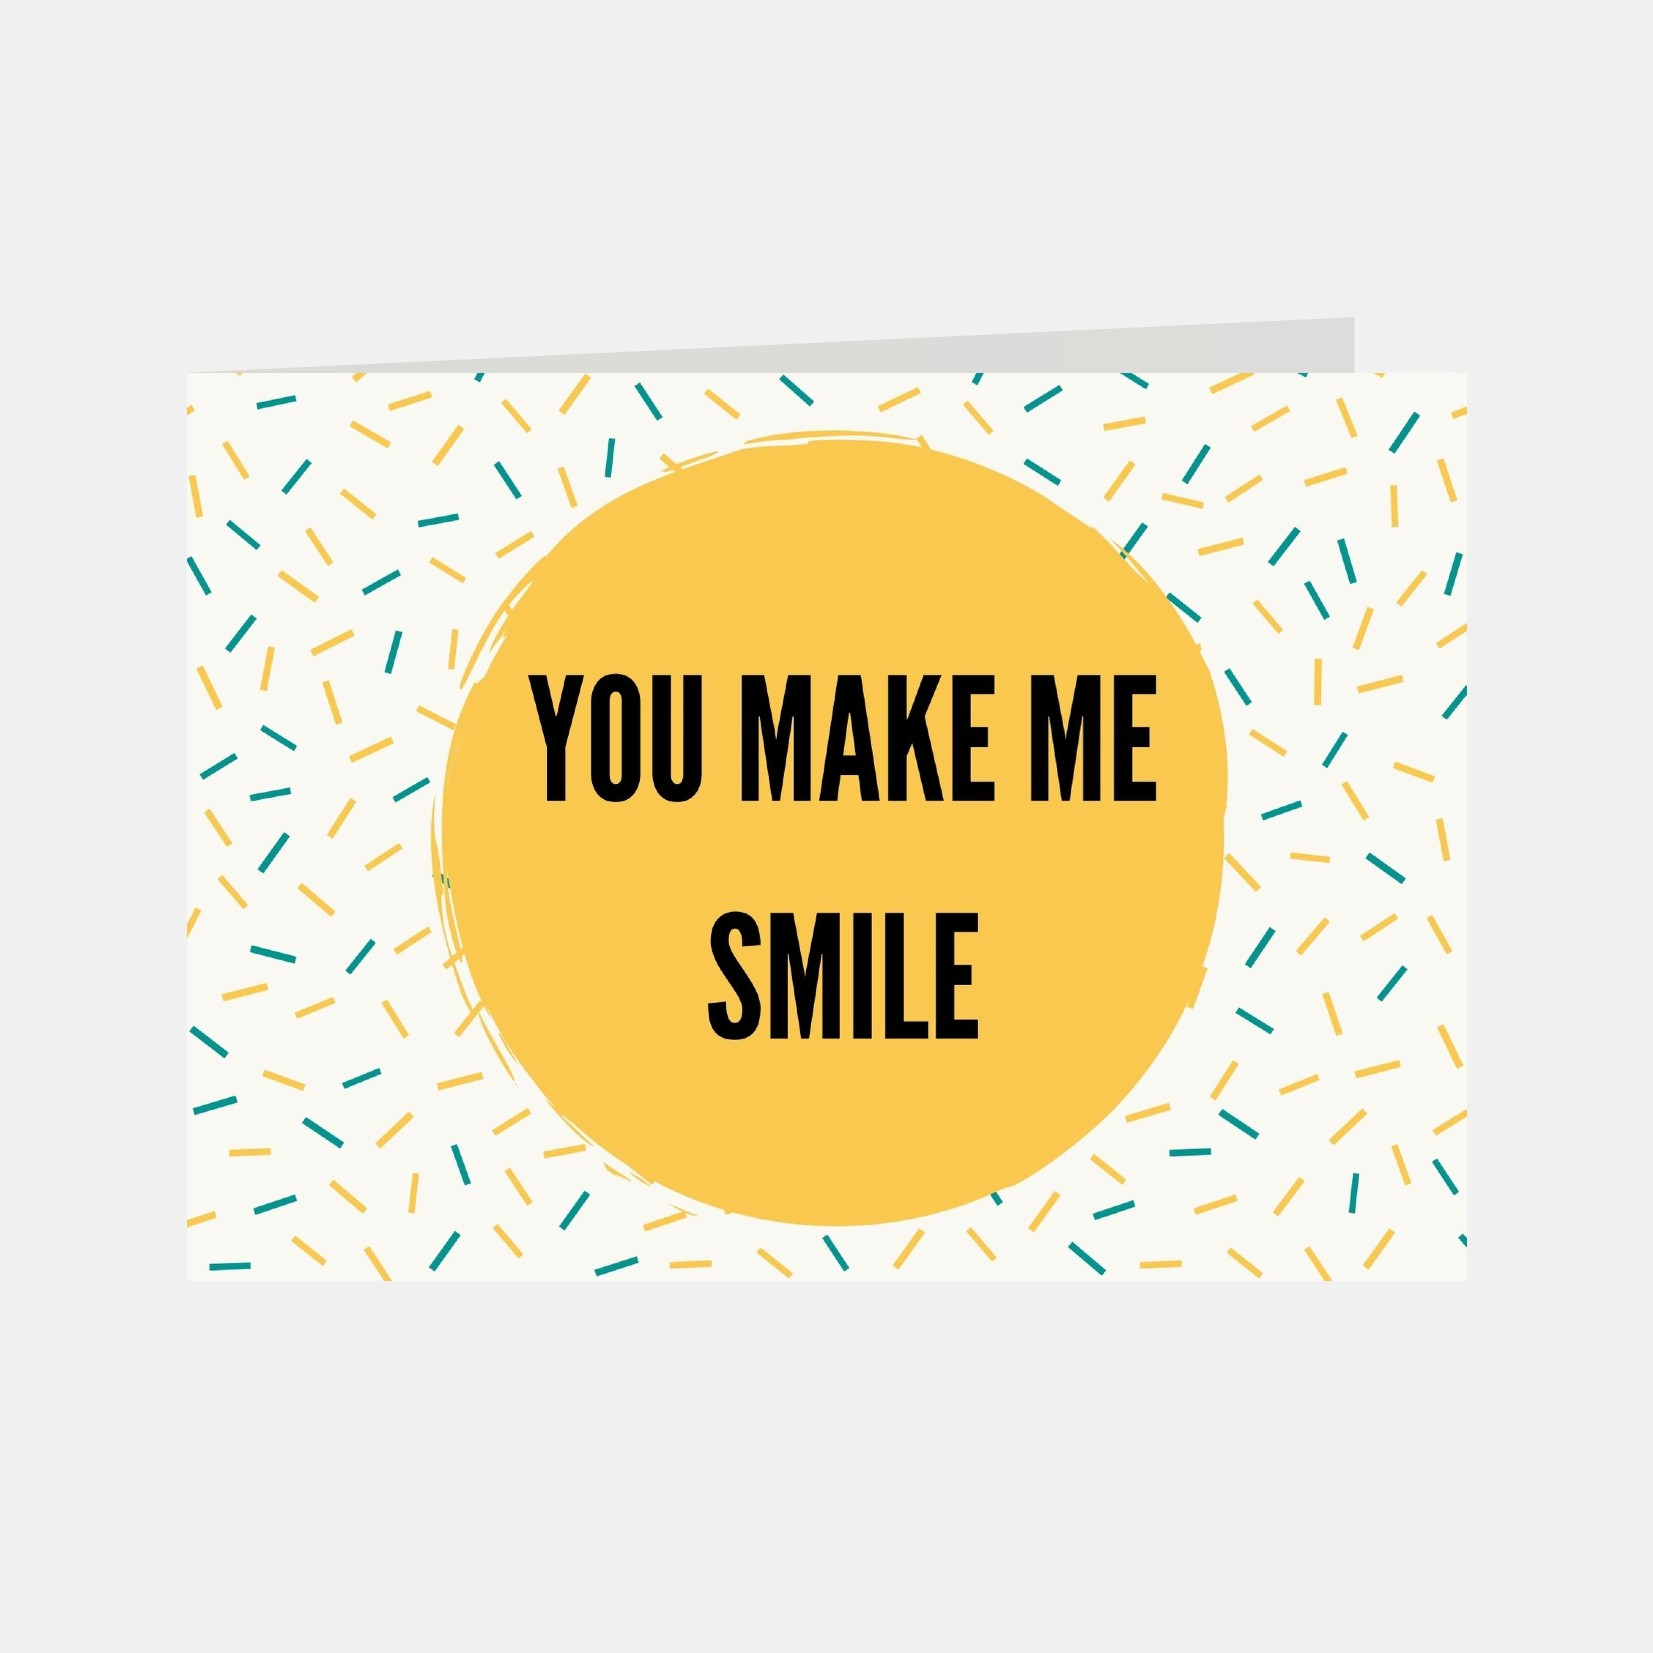 Wenskaart met de tekst You make me smile